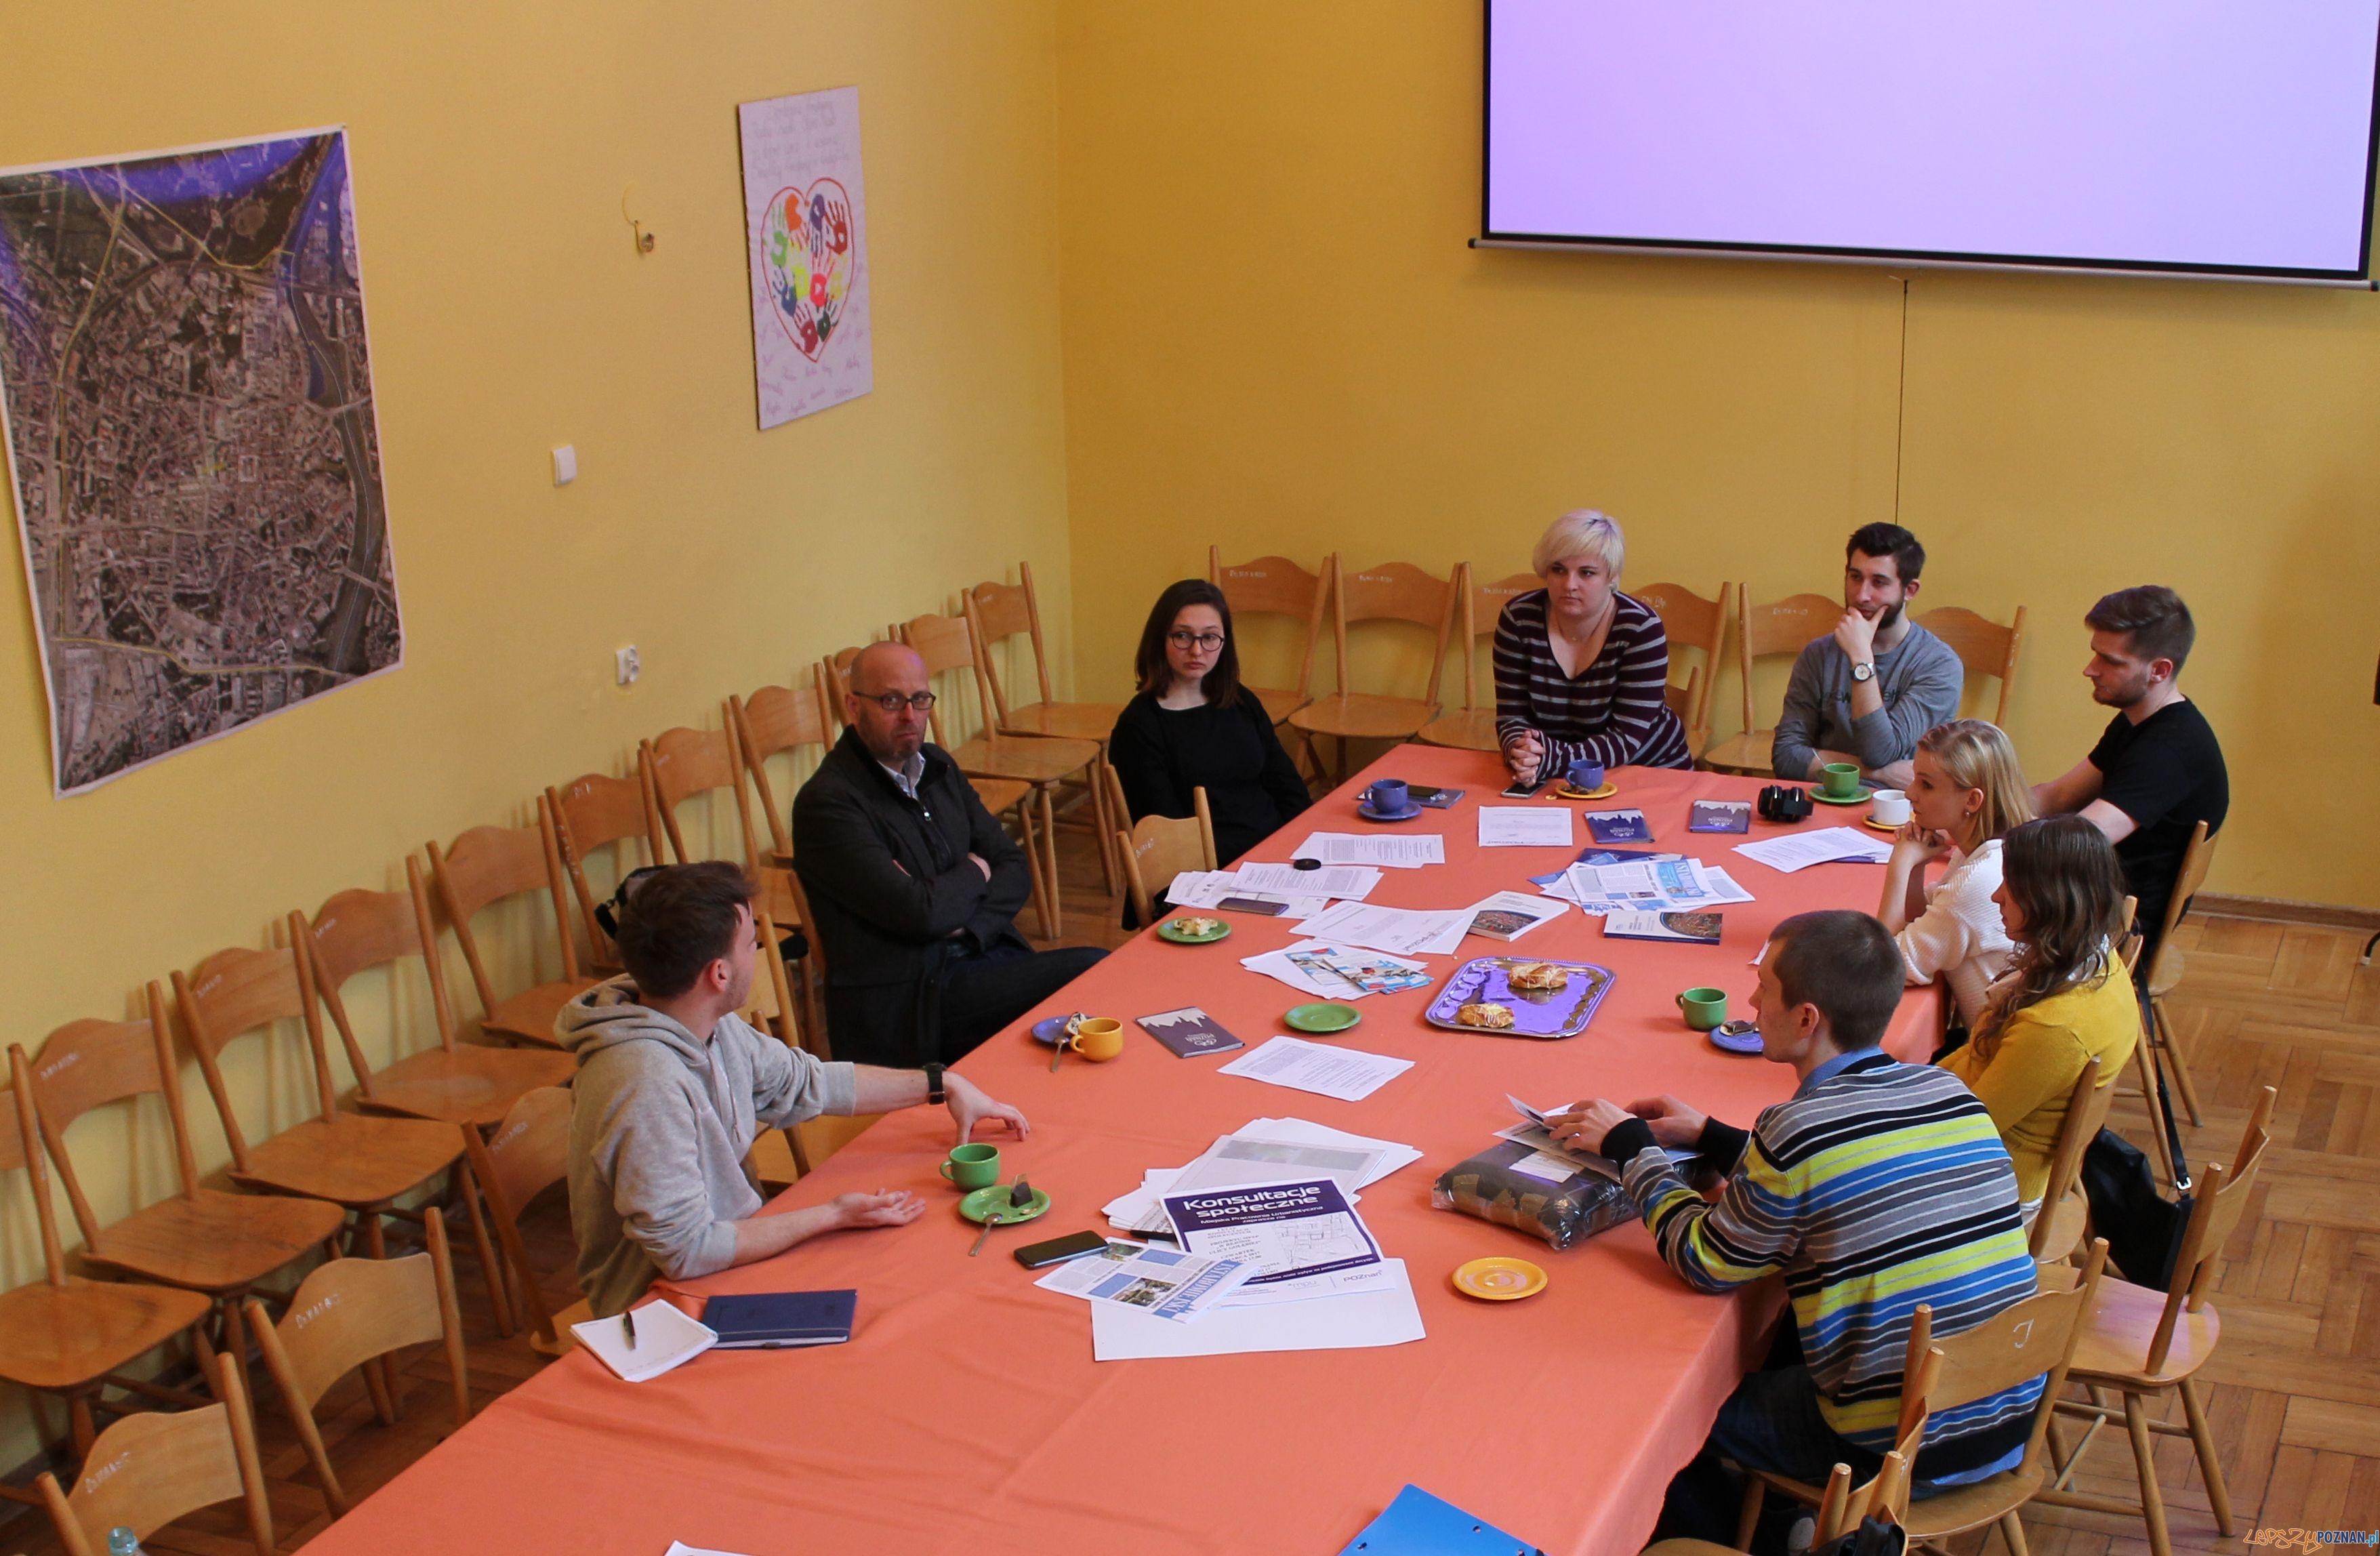 Studenci UAM w terenie poznawali działanie lokalnego samorządu  Foto: Aliaksandr Krauchanka